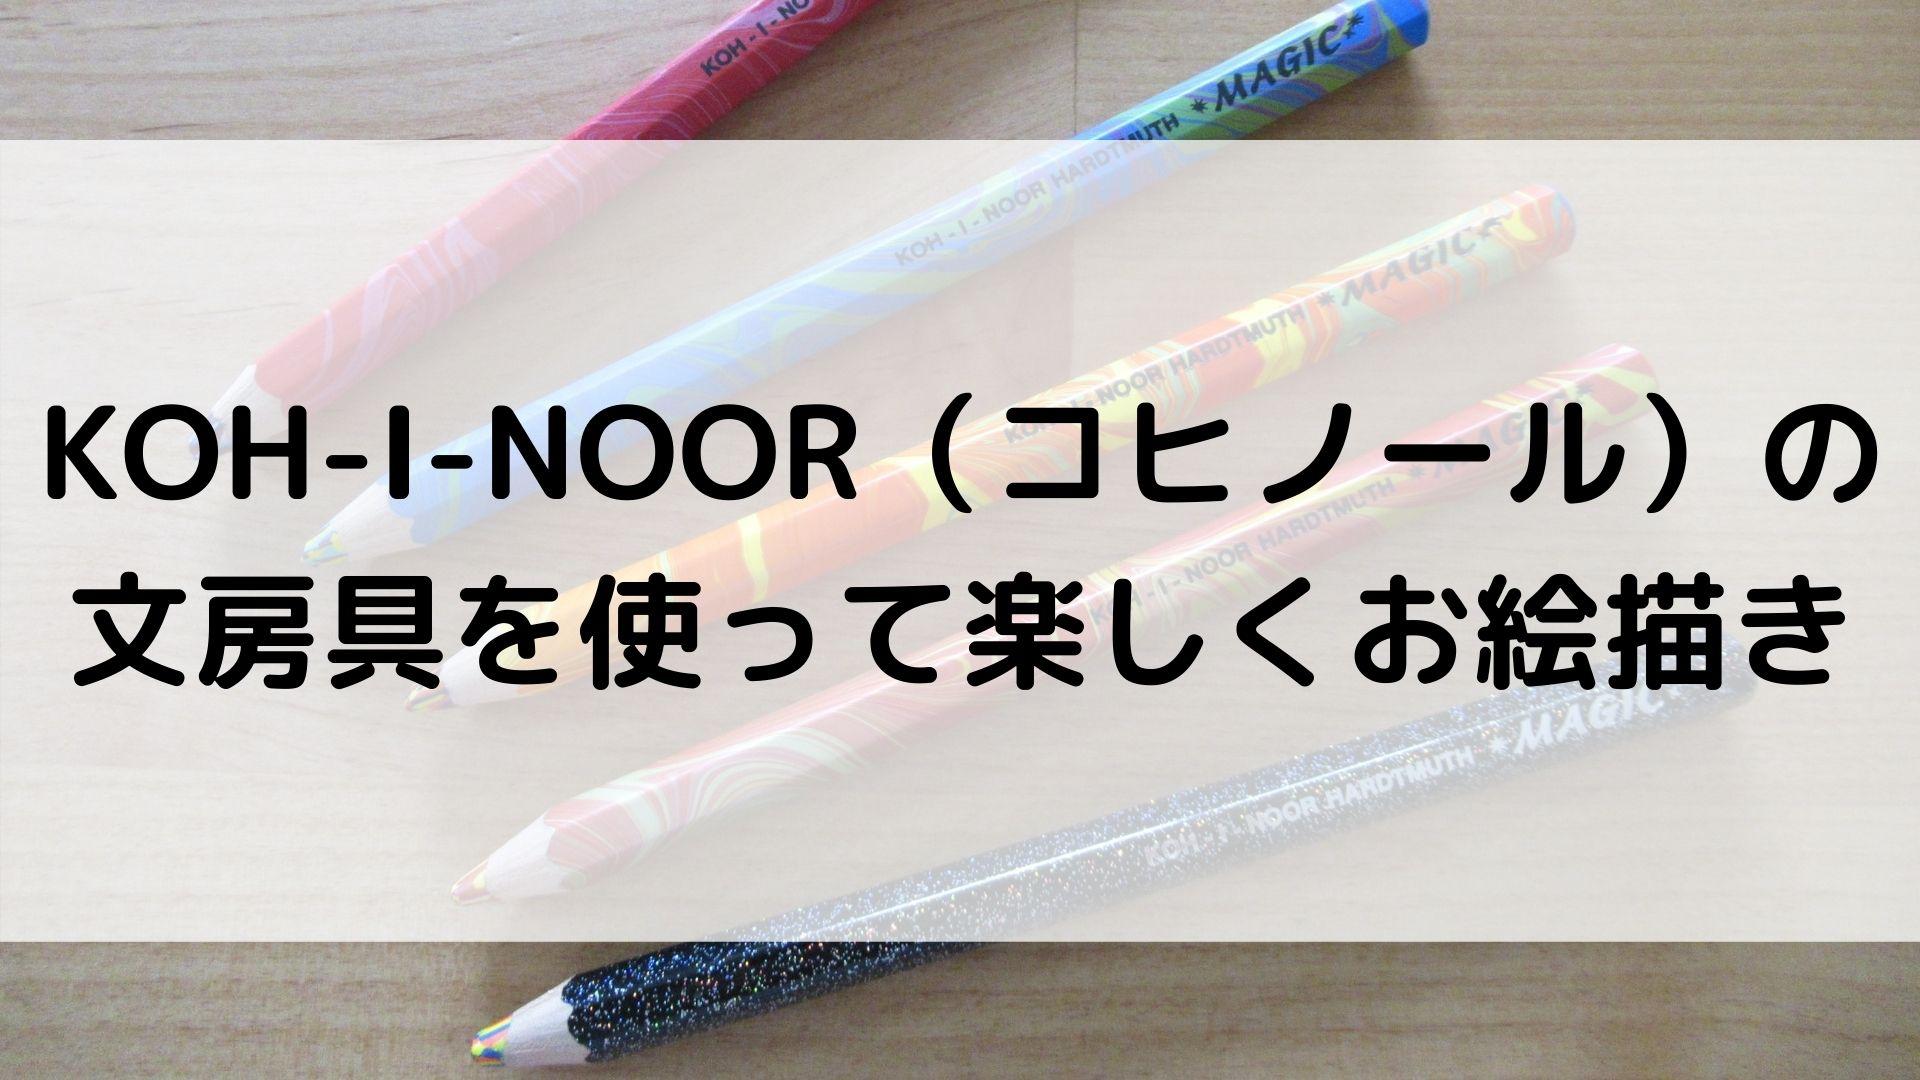 KOH-I-NOOR(コヒノール)マジックペンシル テンプレート